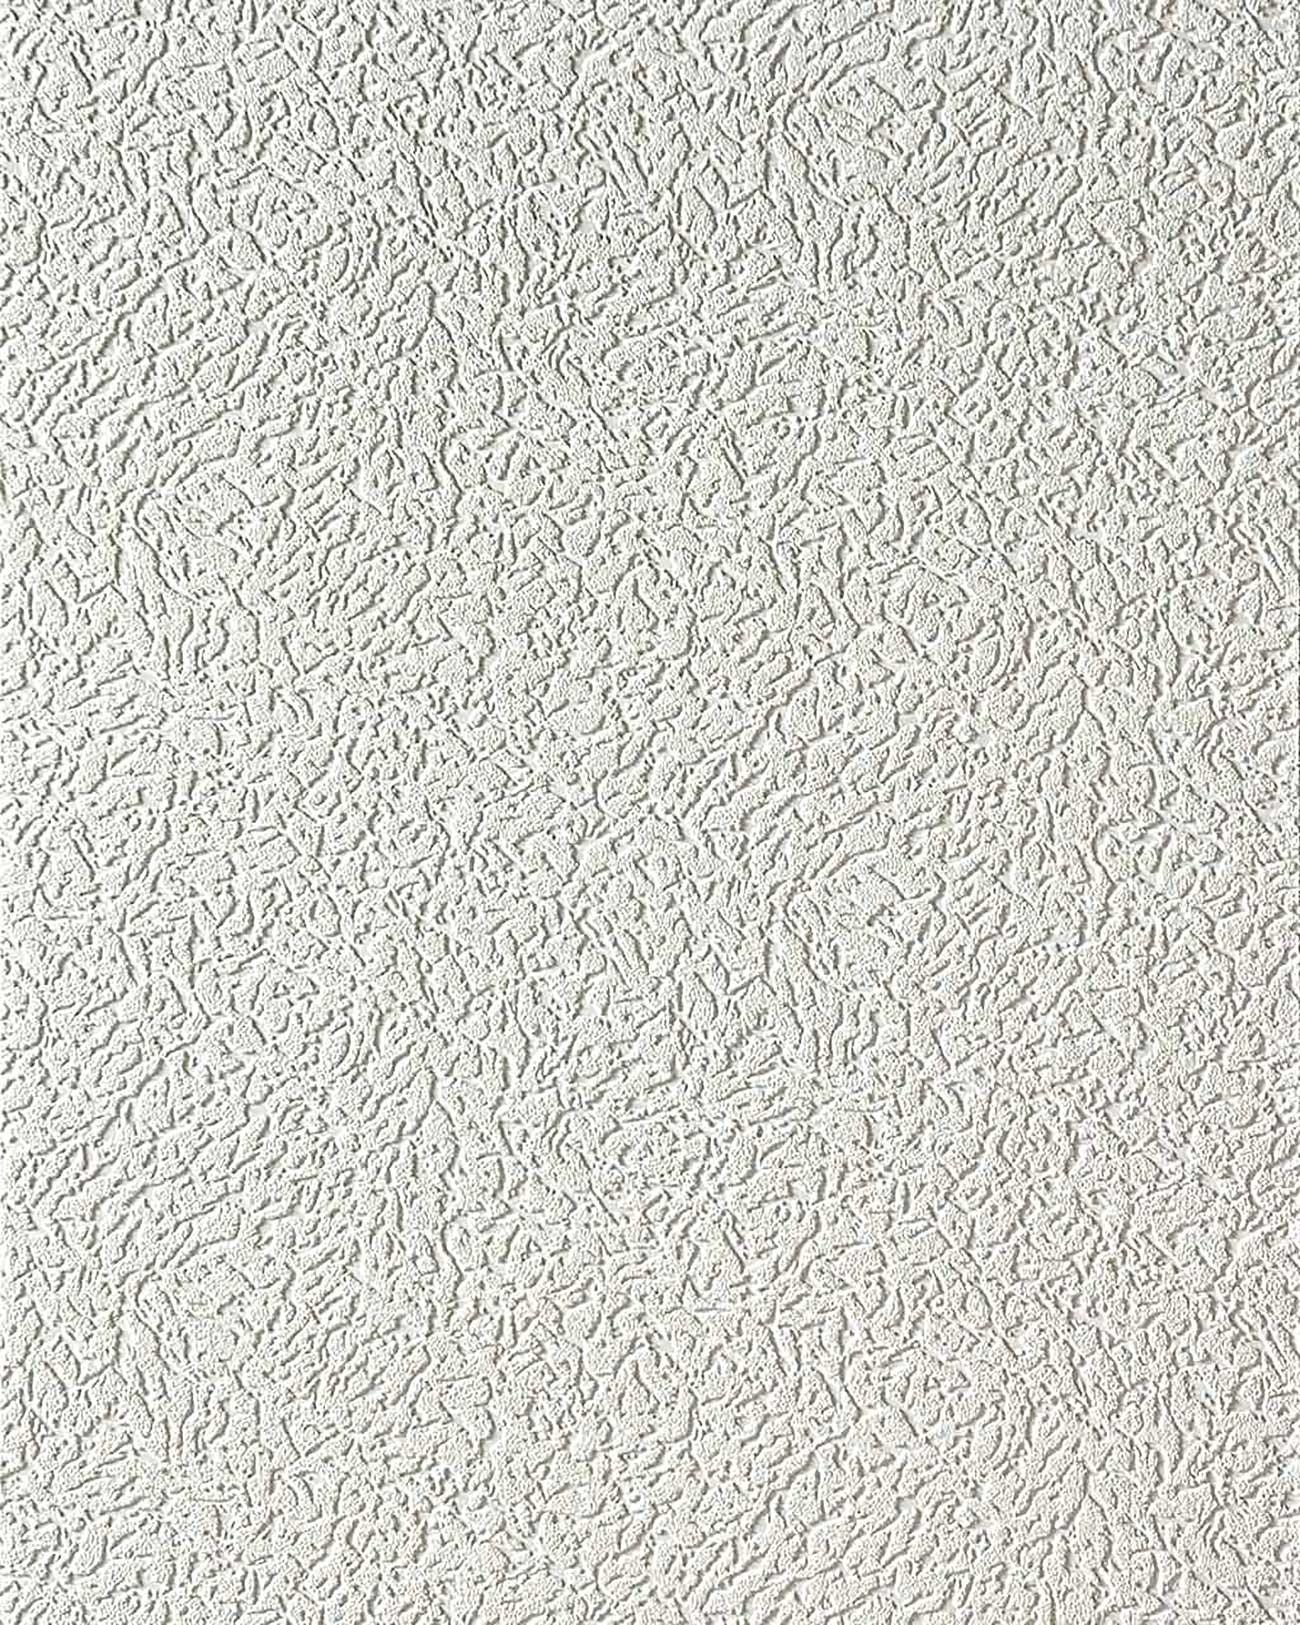 Papier peint blanc effet papier ingrain 1 carton de 9 - Sous couche papier peint ...